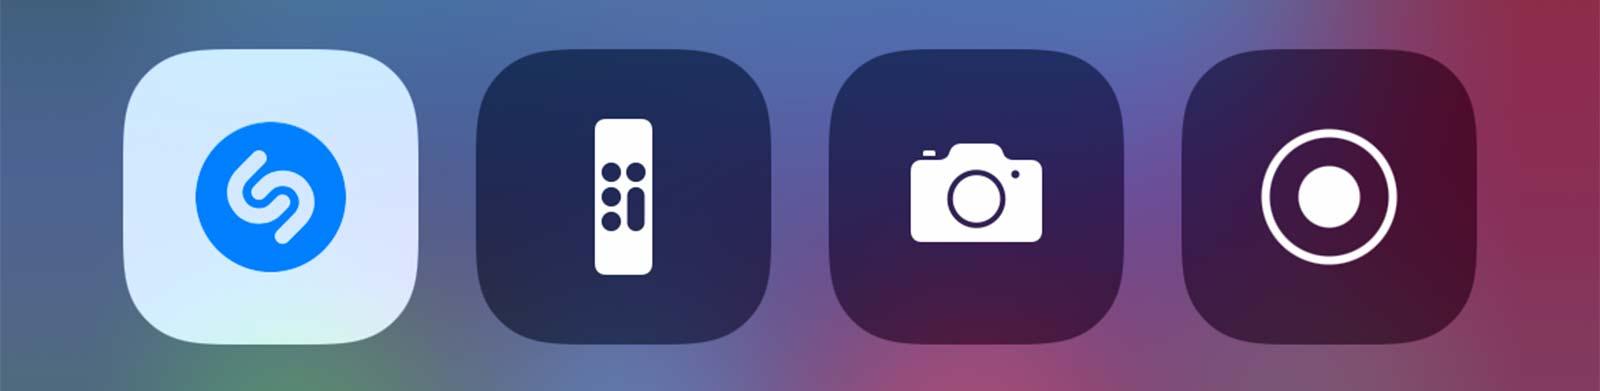 Shazam on iOS 14.2